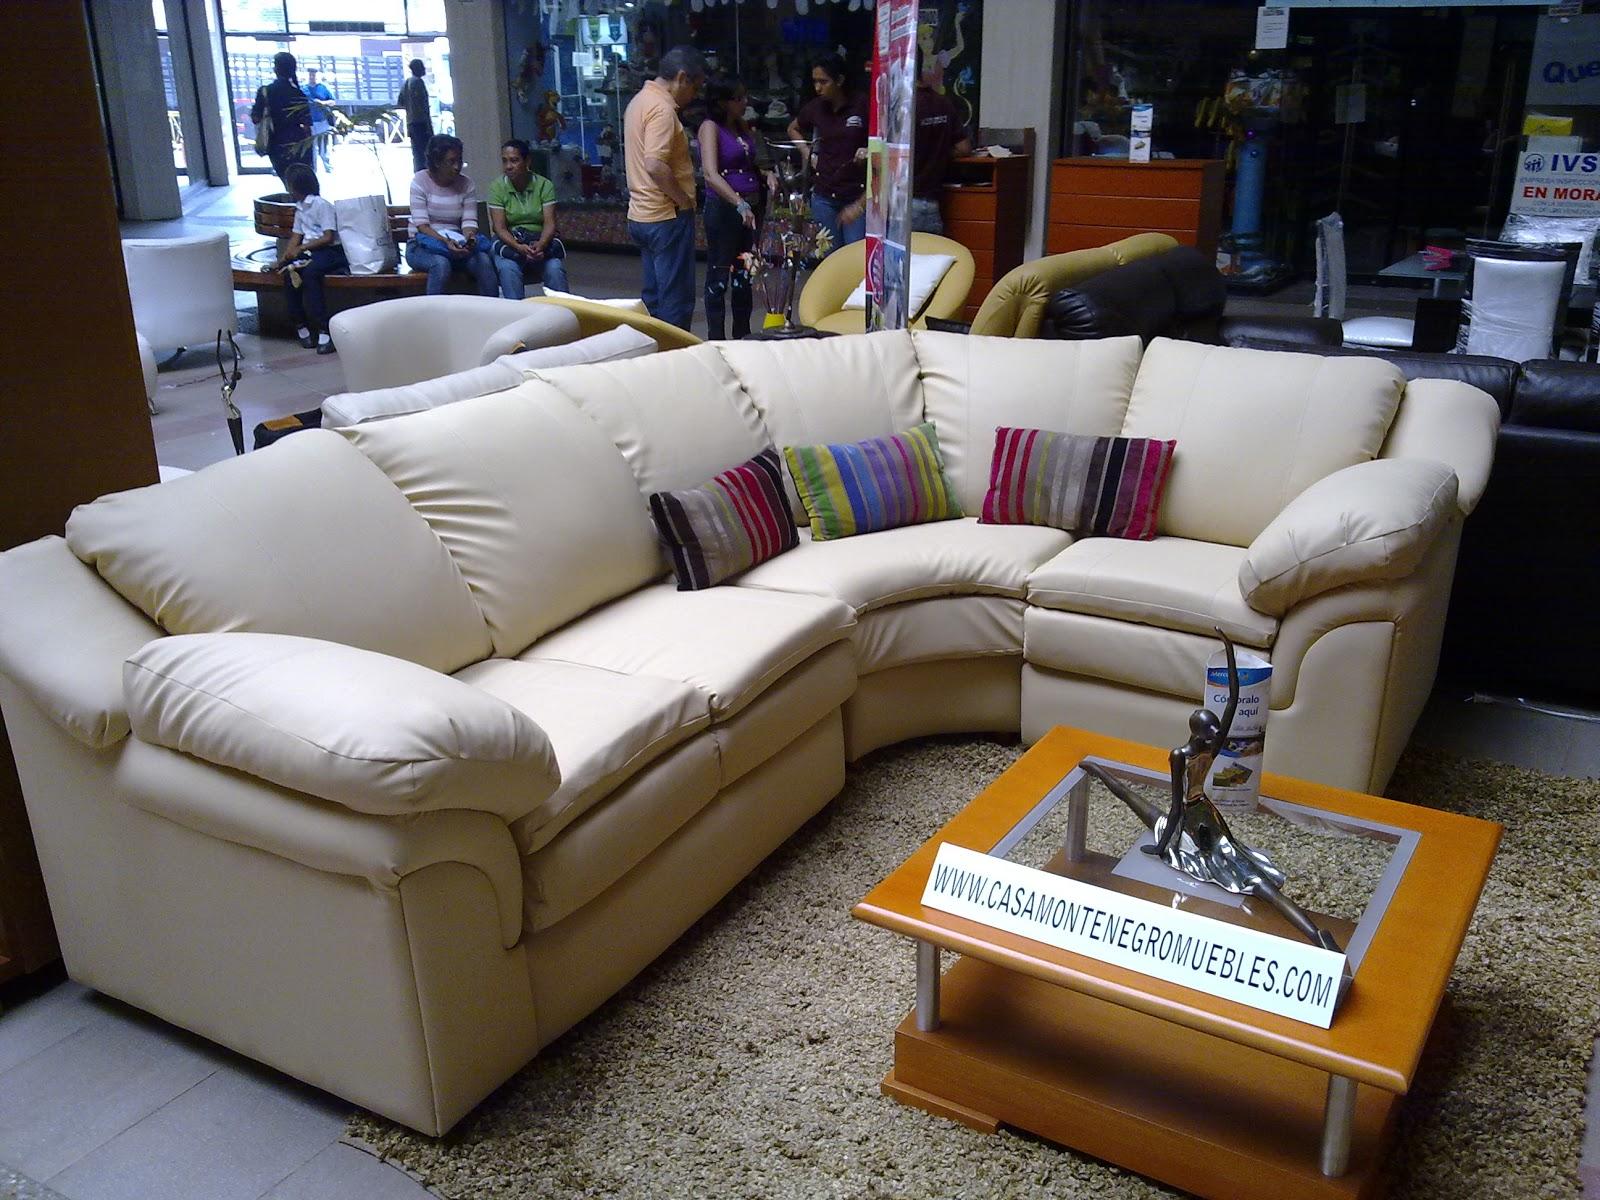 Casa Montenegro Muebles 0424 2427129 0412 3244398 Mayo 2012 # Muebles Modulares Bipiel